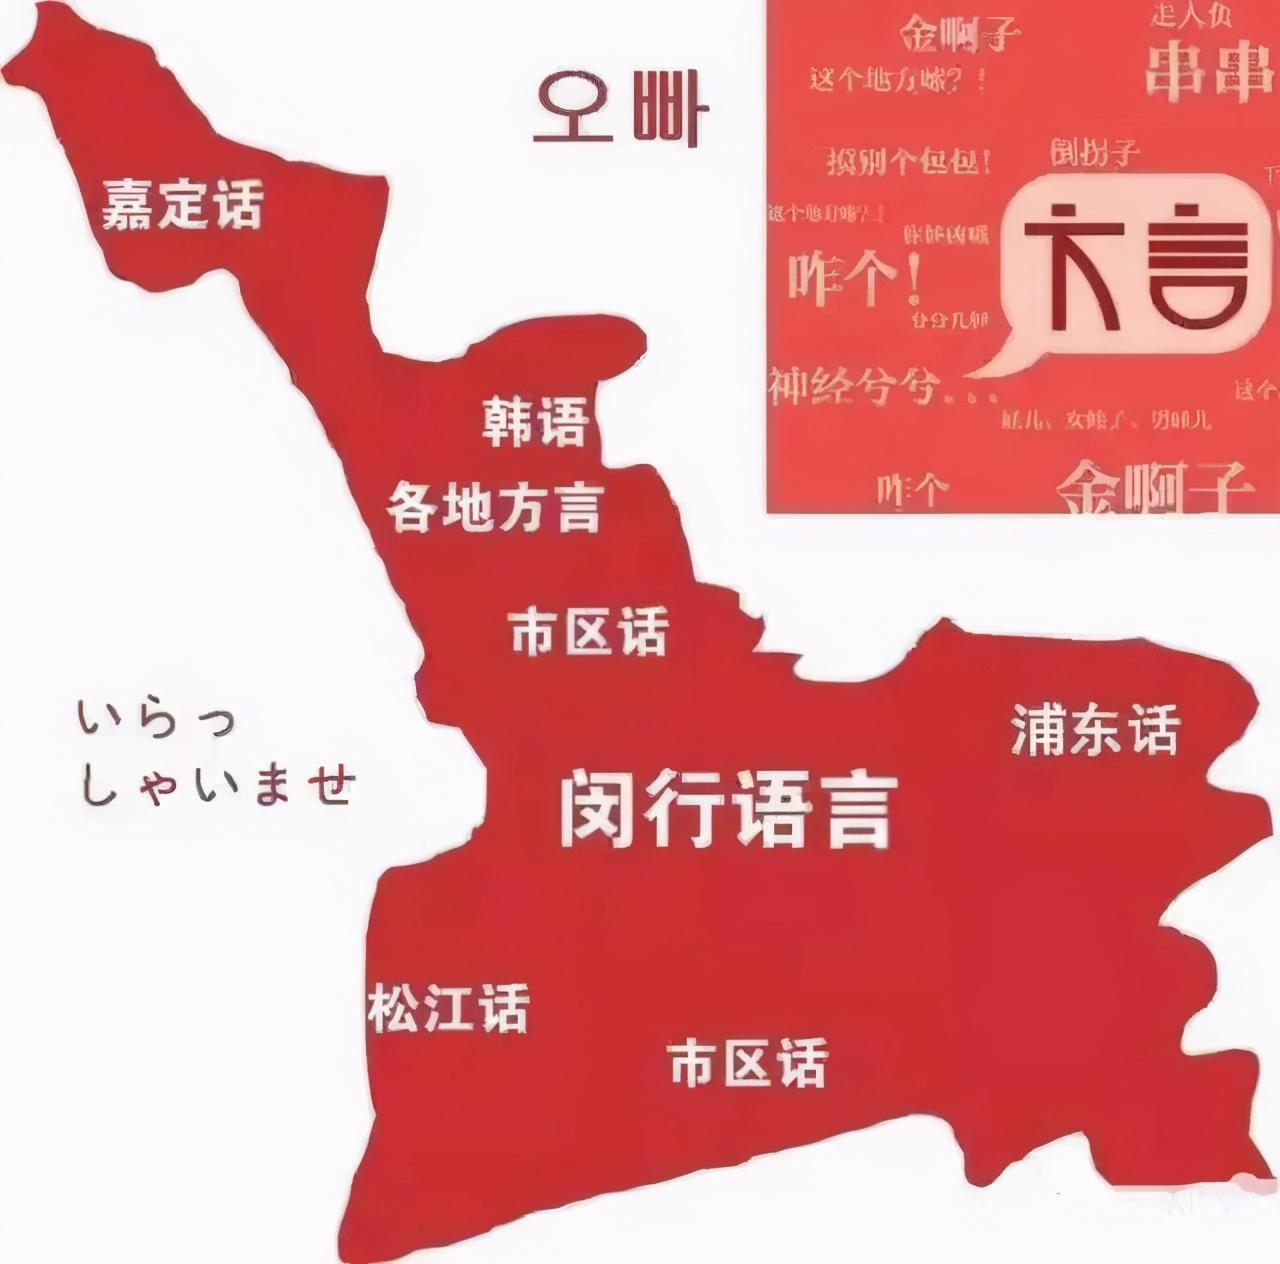 闵行头条|从1到2549300,数说闵行骄傲